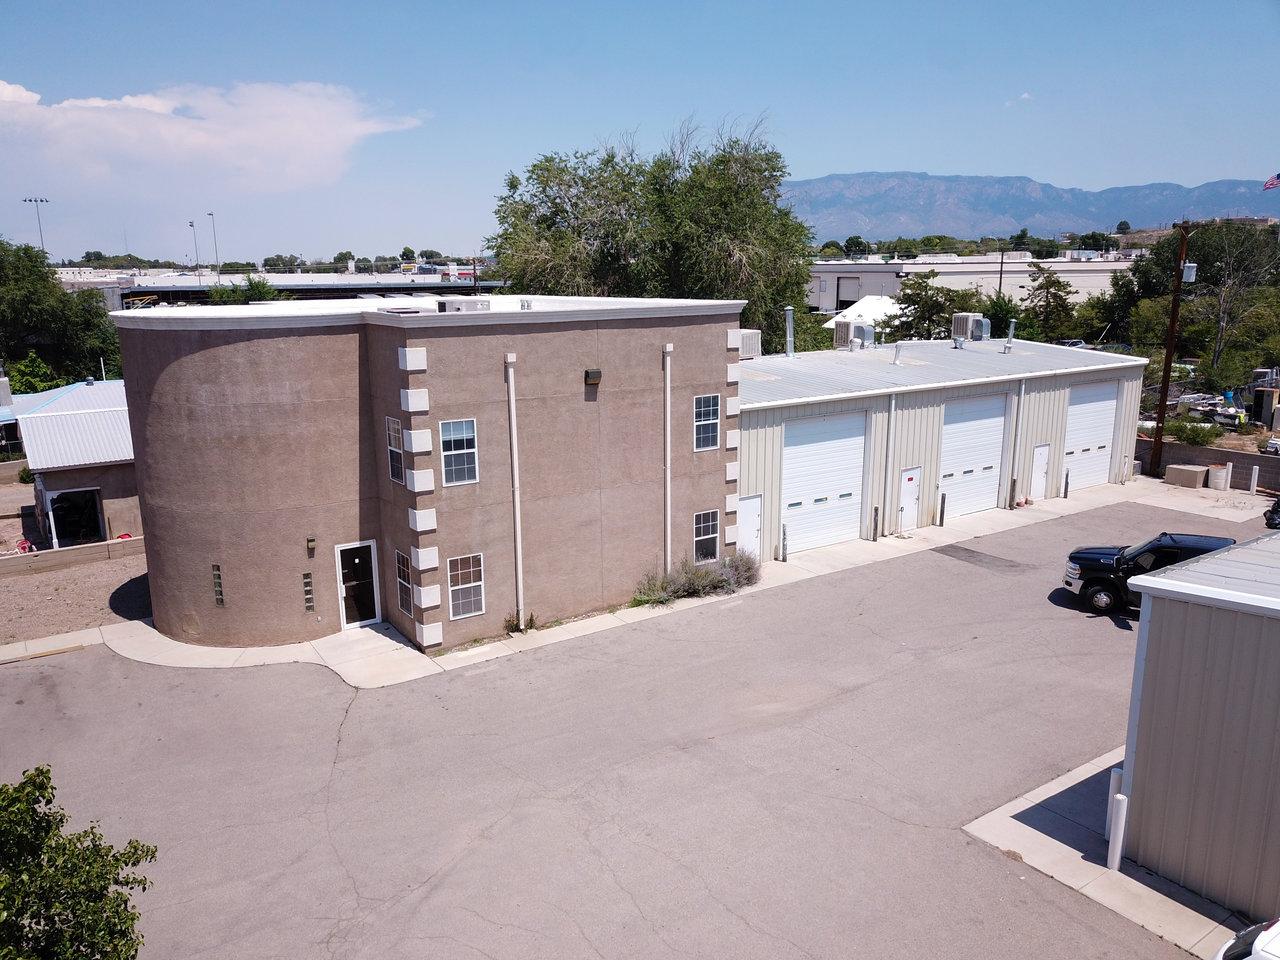 3738 Arno St NE, Albuquerque, NM, 87107